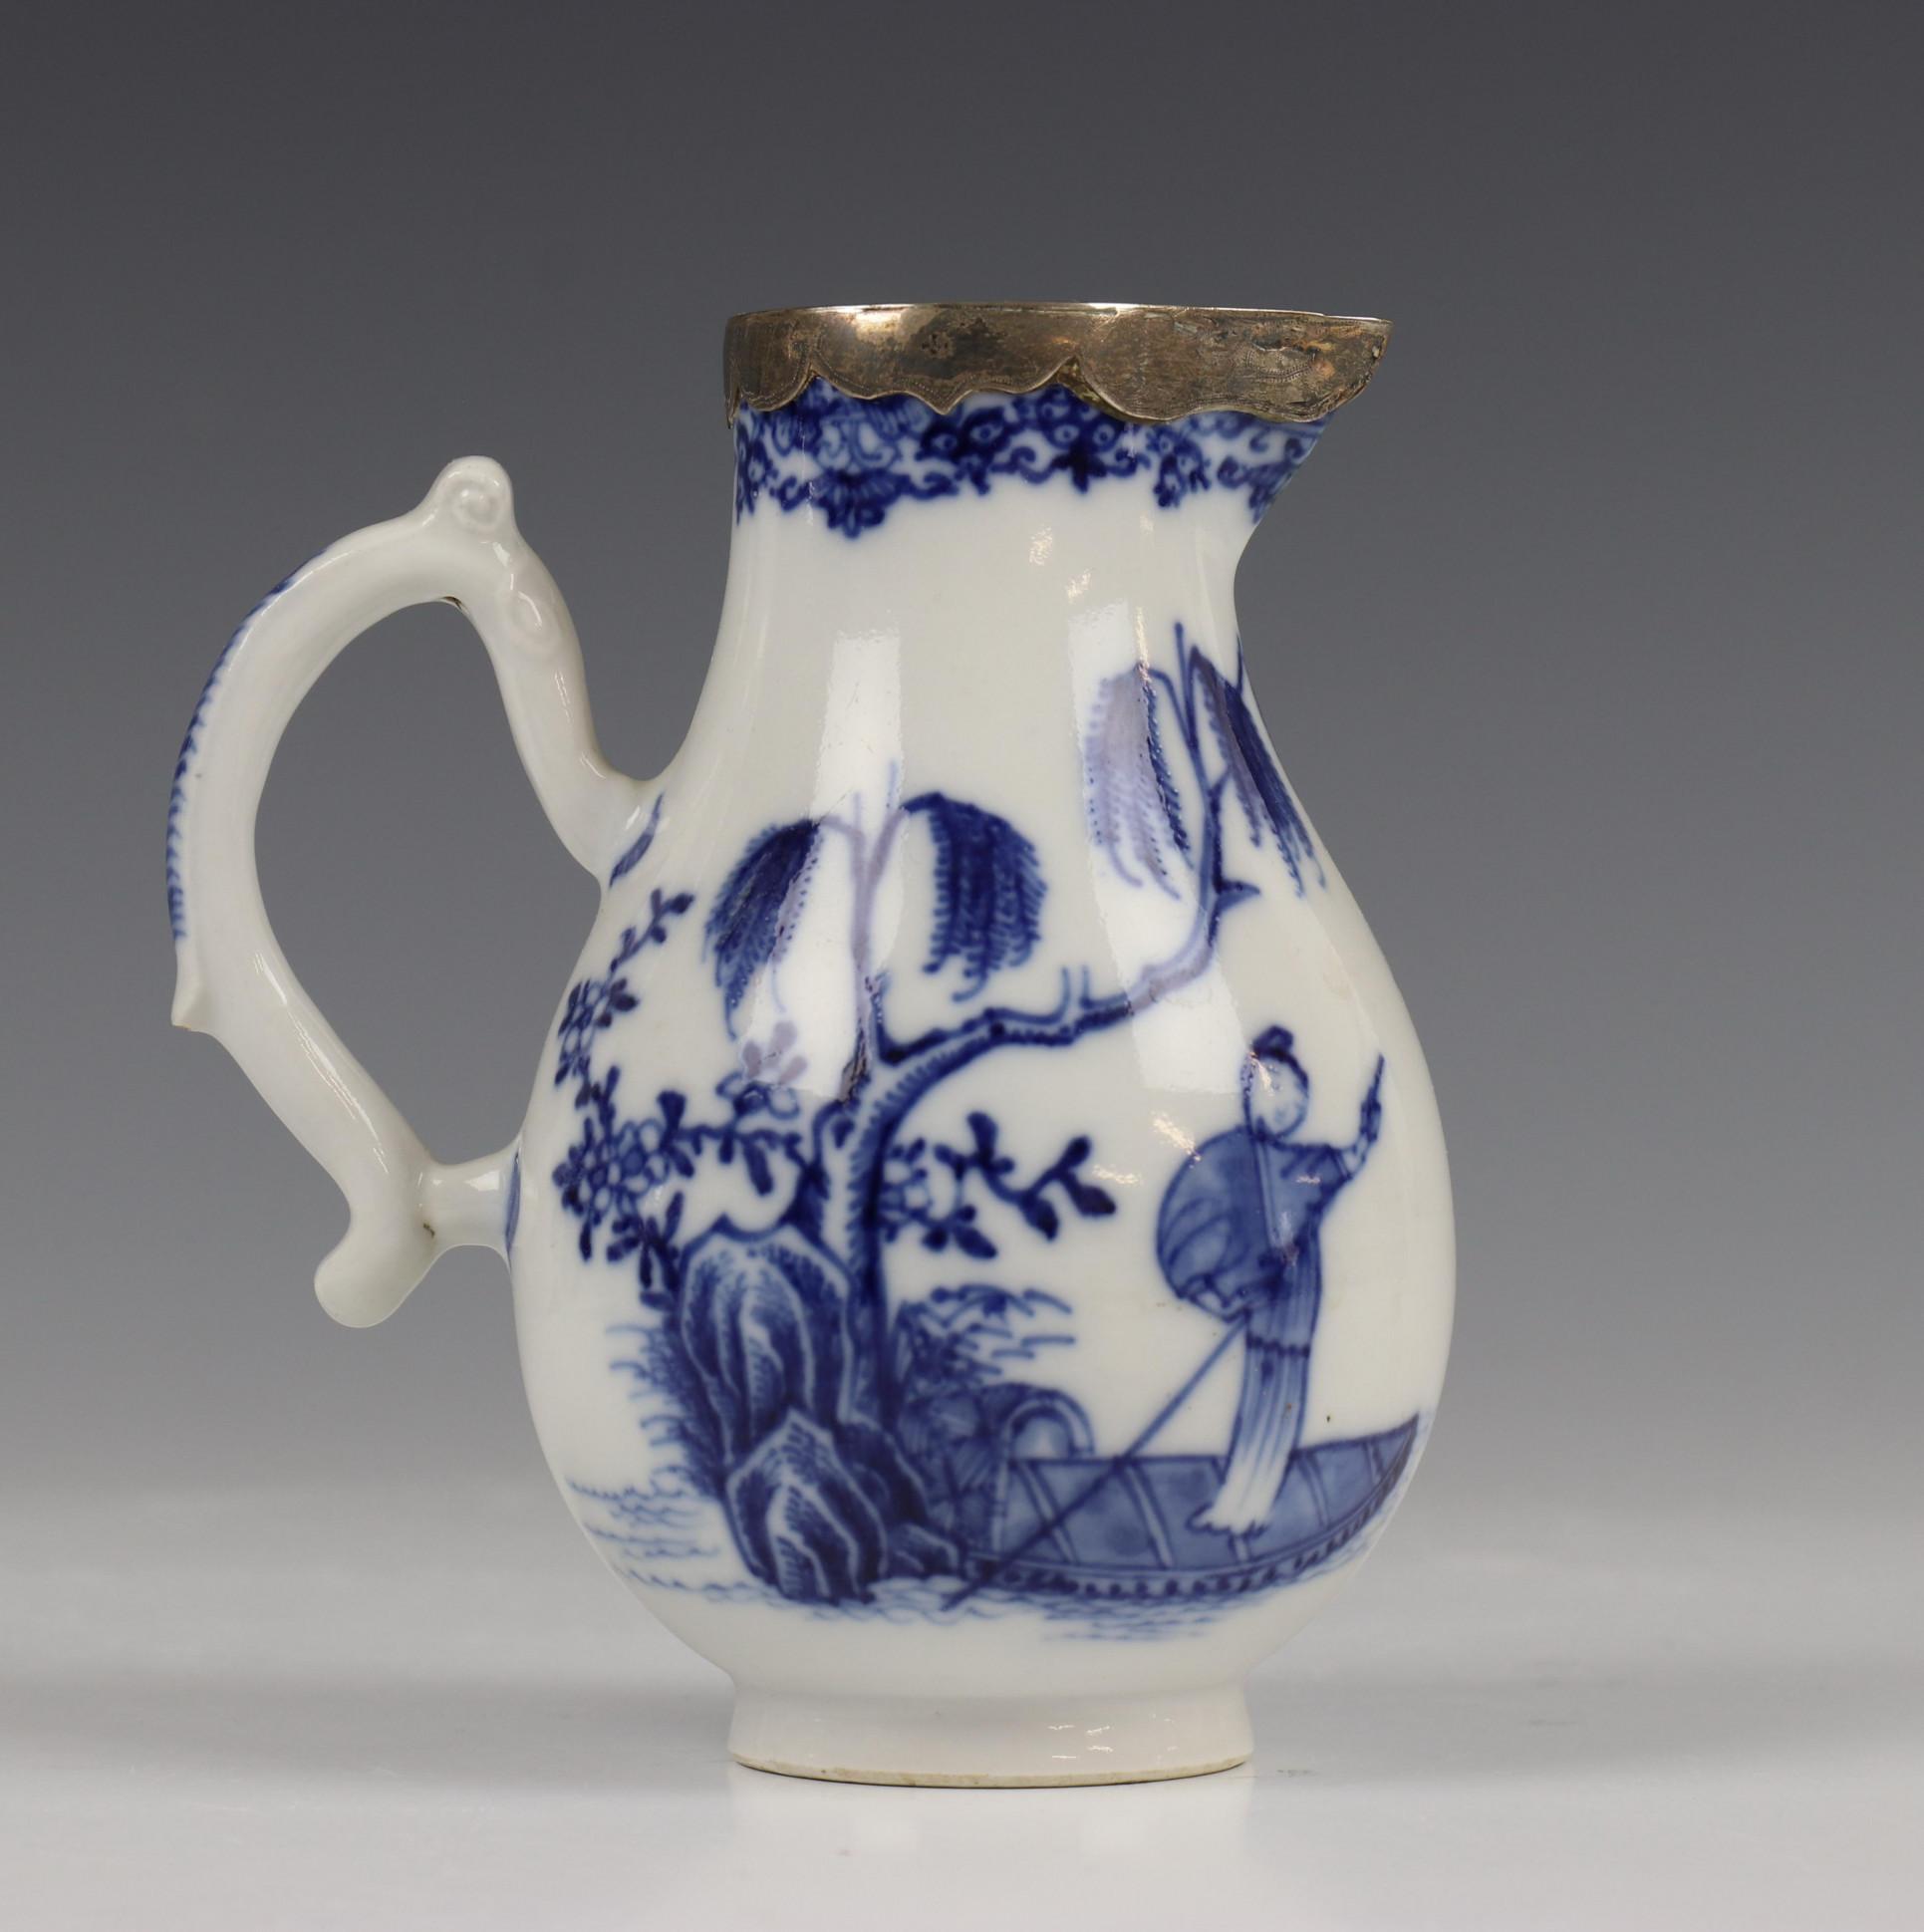 China, blauw-wit porseleinen trekpot, Imari trekpotje en melkkan, 18e eeuw, - Image 2 of 21